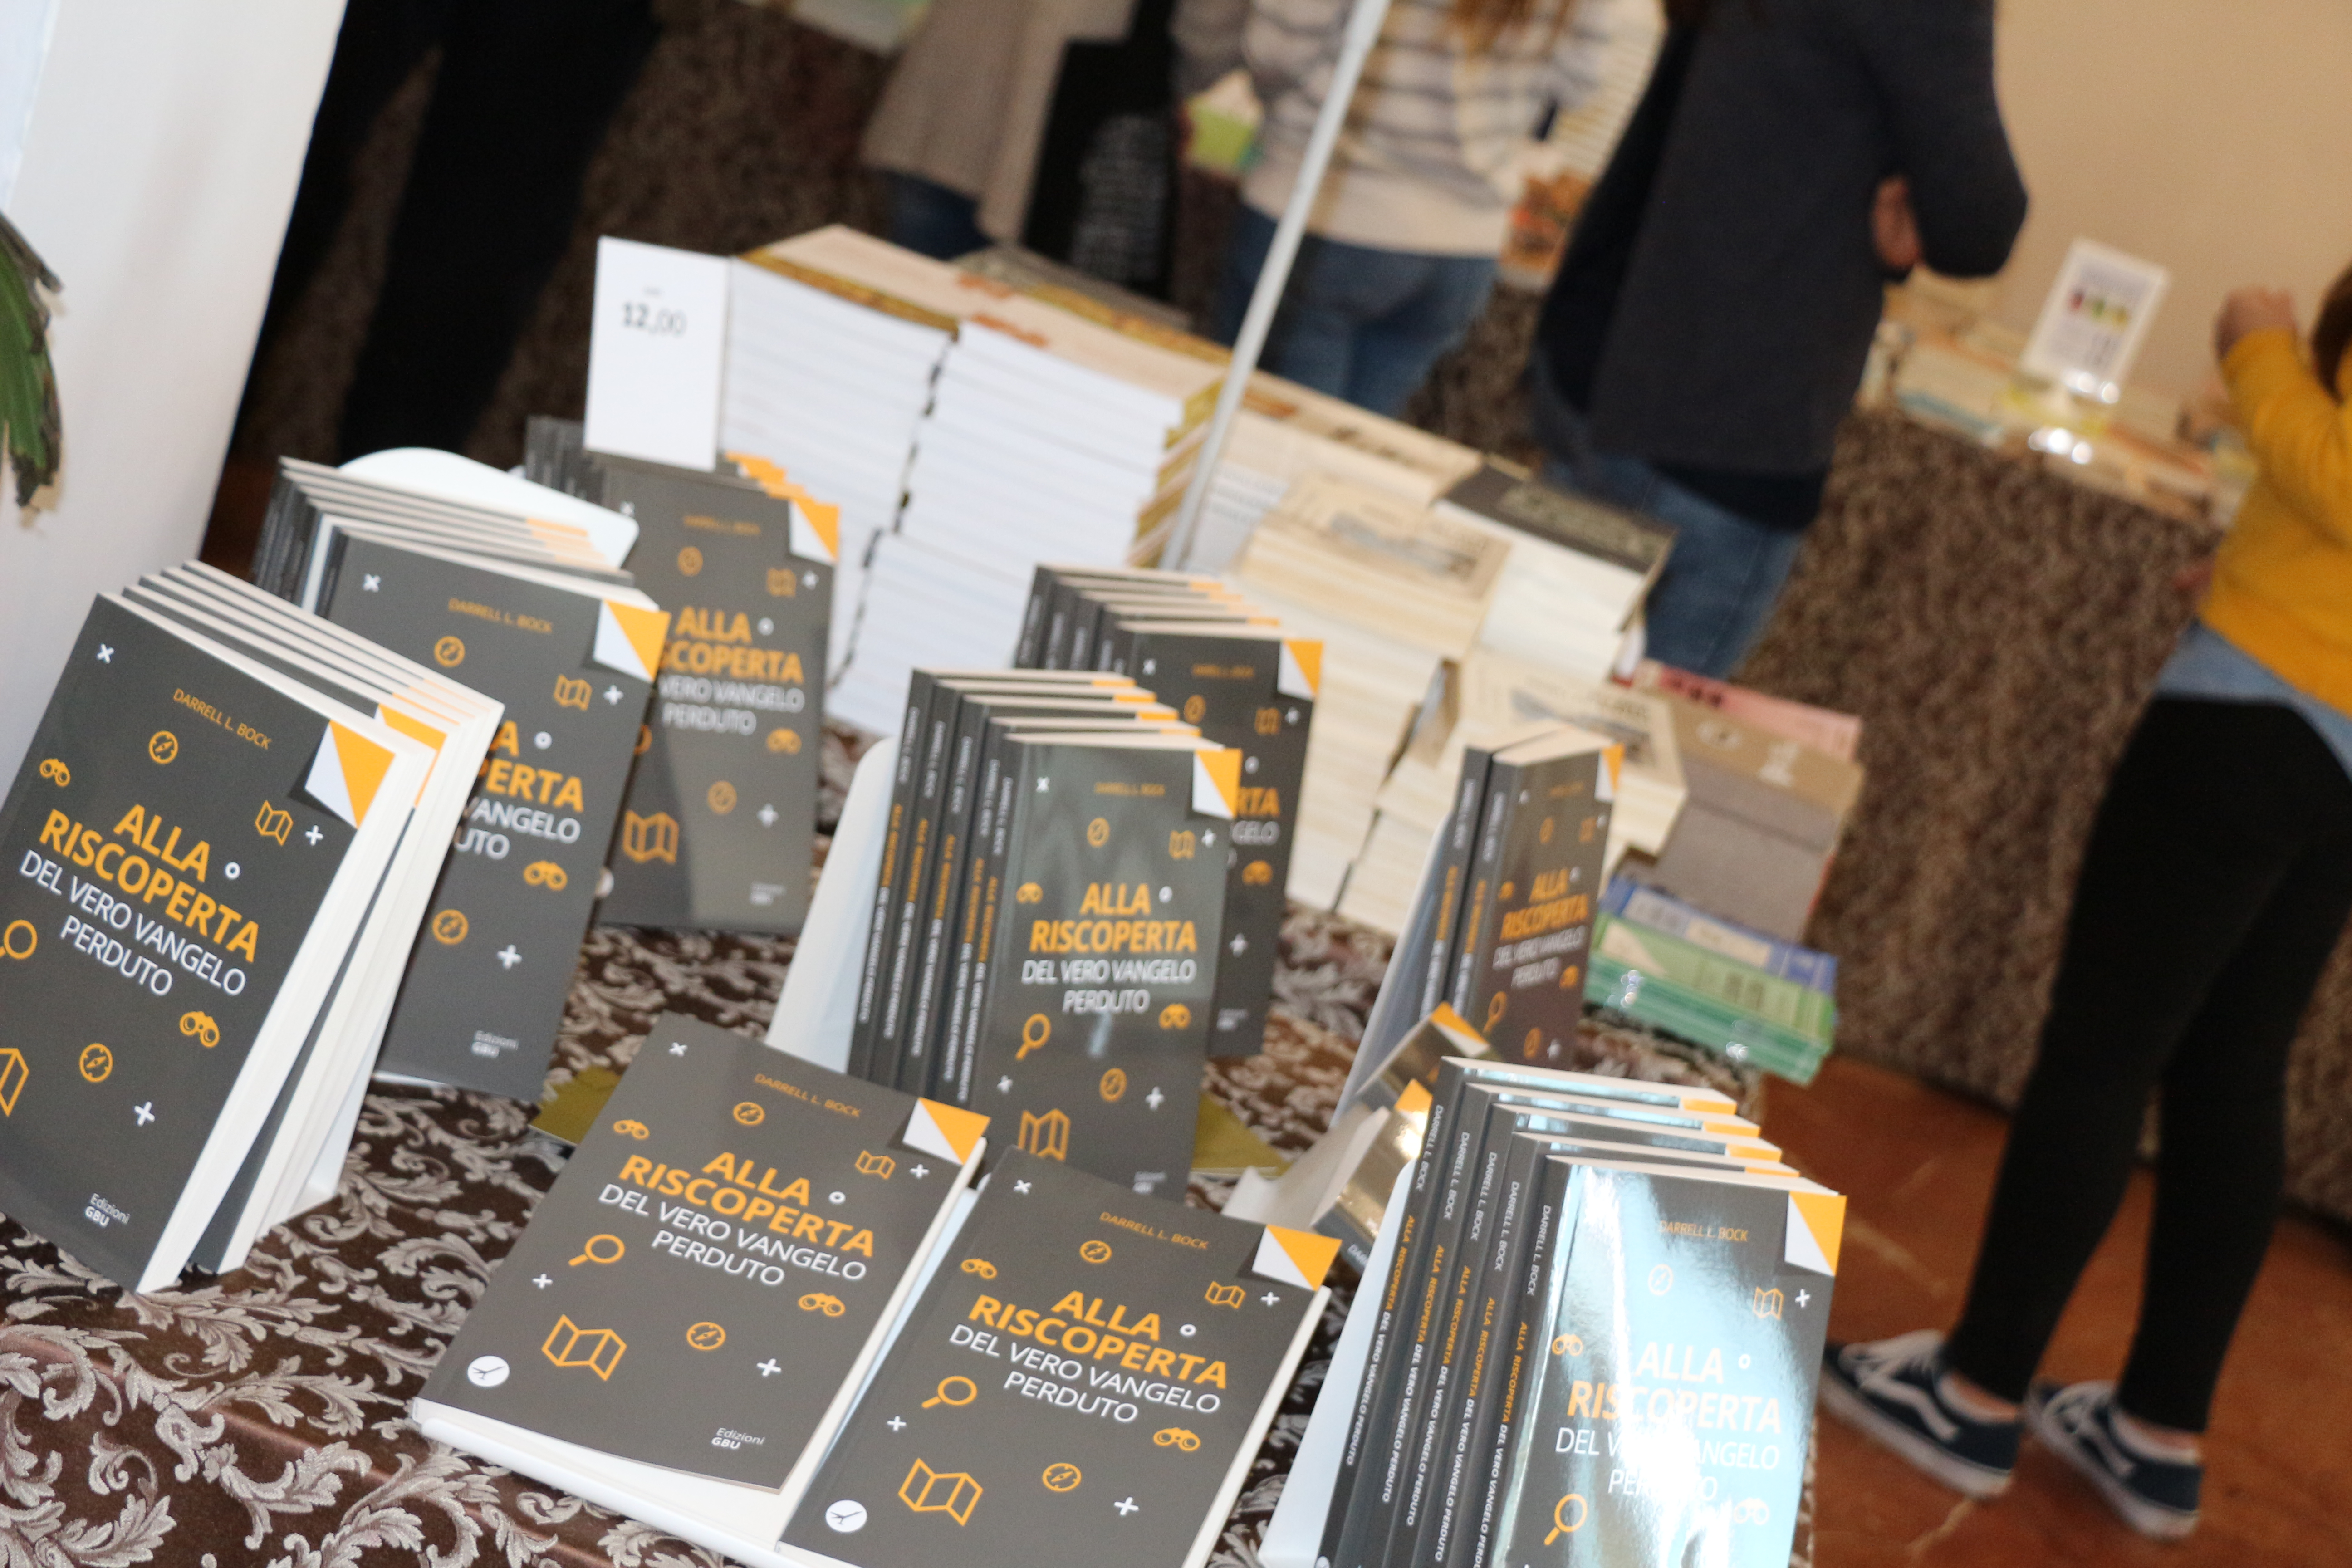 La Credenza Del Contadino Ruoti : La credenza del contadino ruoti formaggi